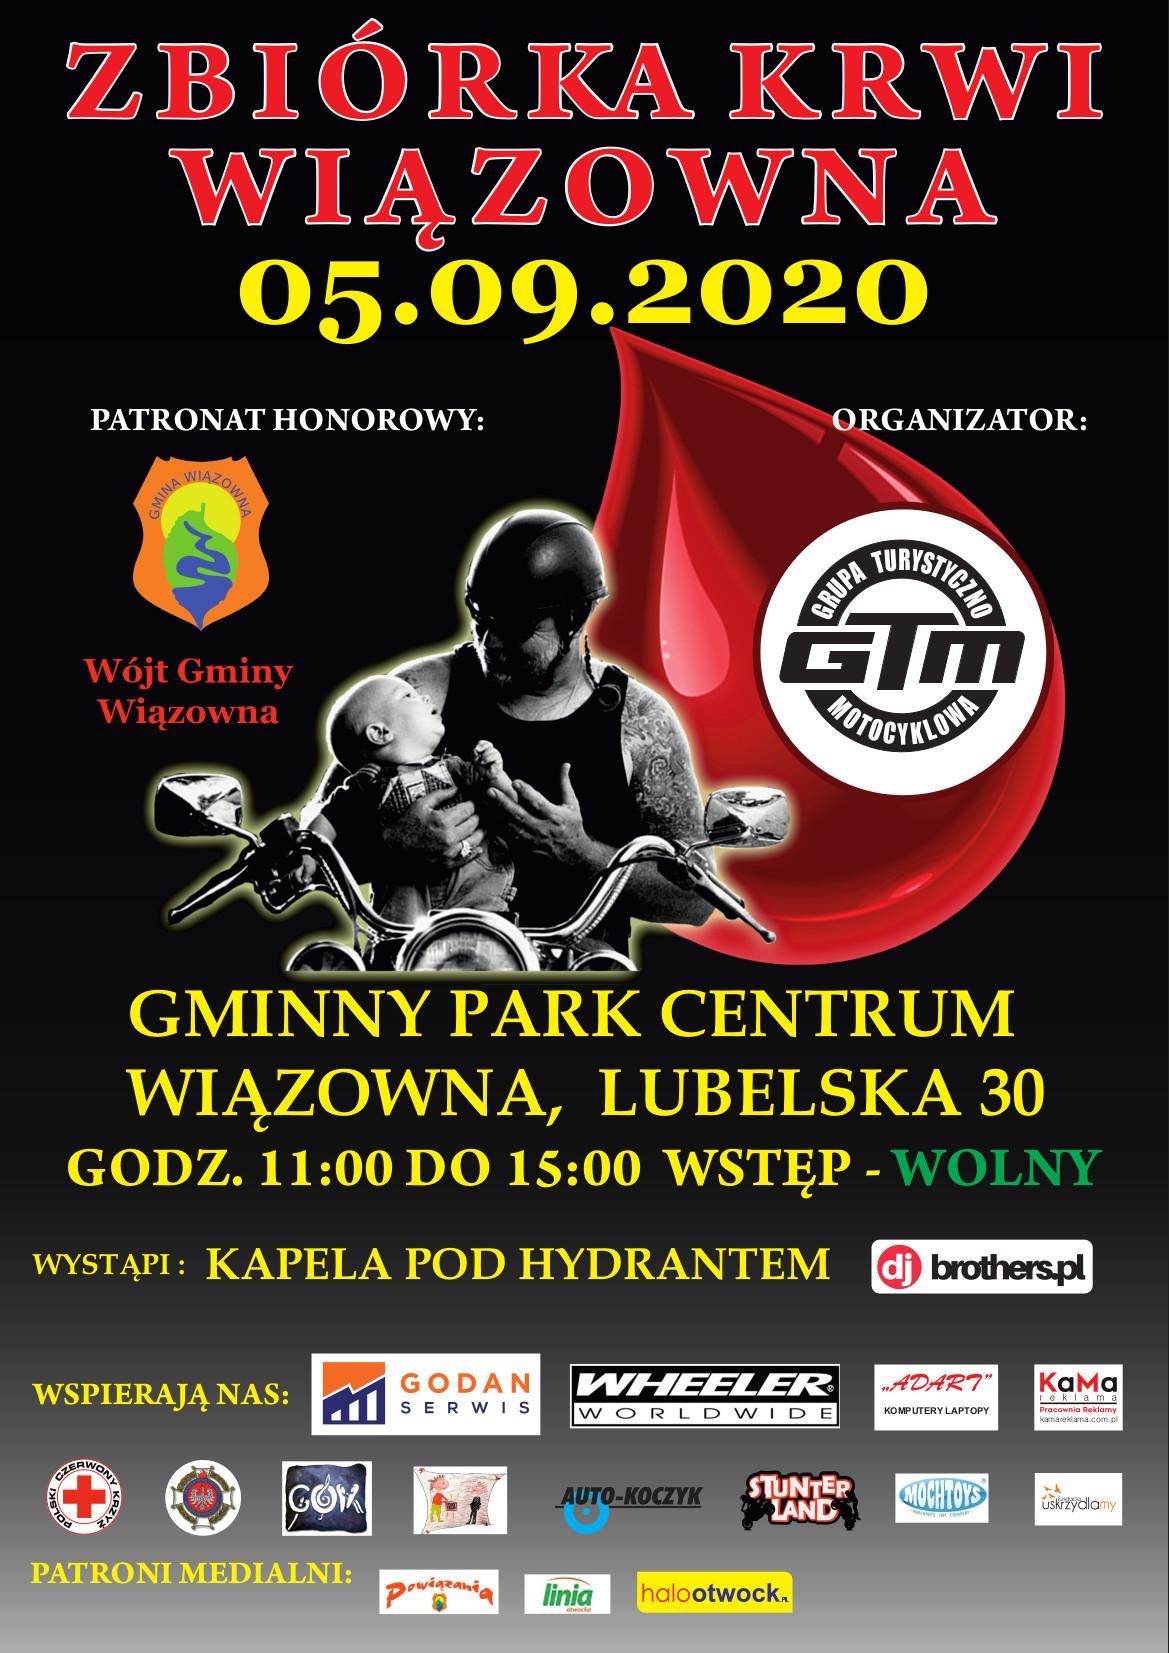 Plakat informujący o zbiórce krwi, która odbędzie się 5 września 2020 r. na terenie Gminnego Parku Centrum